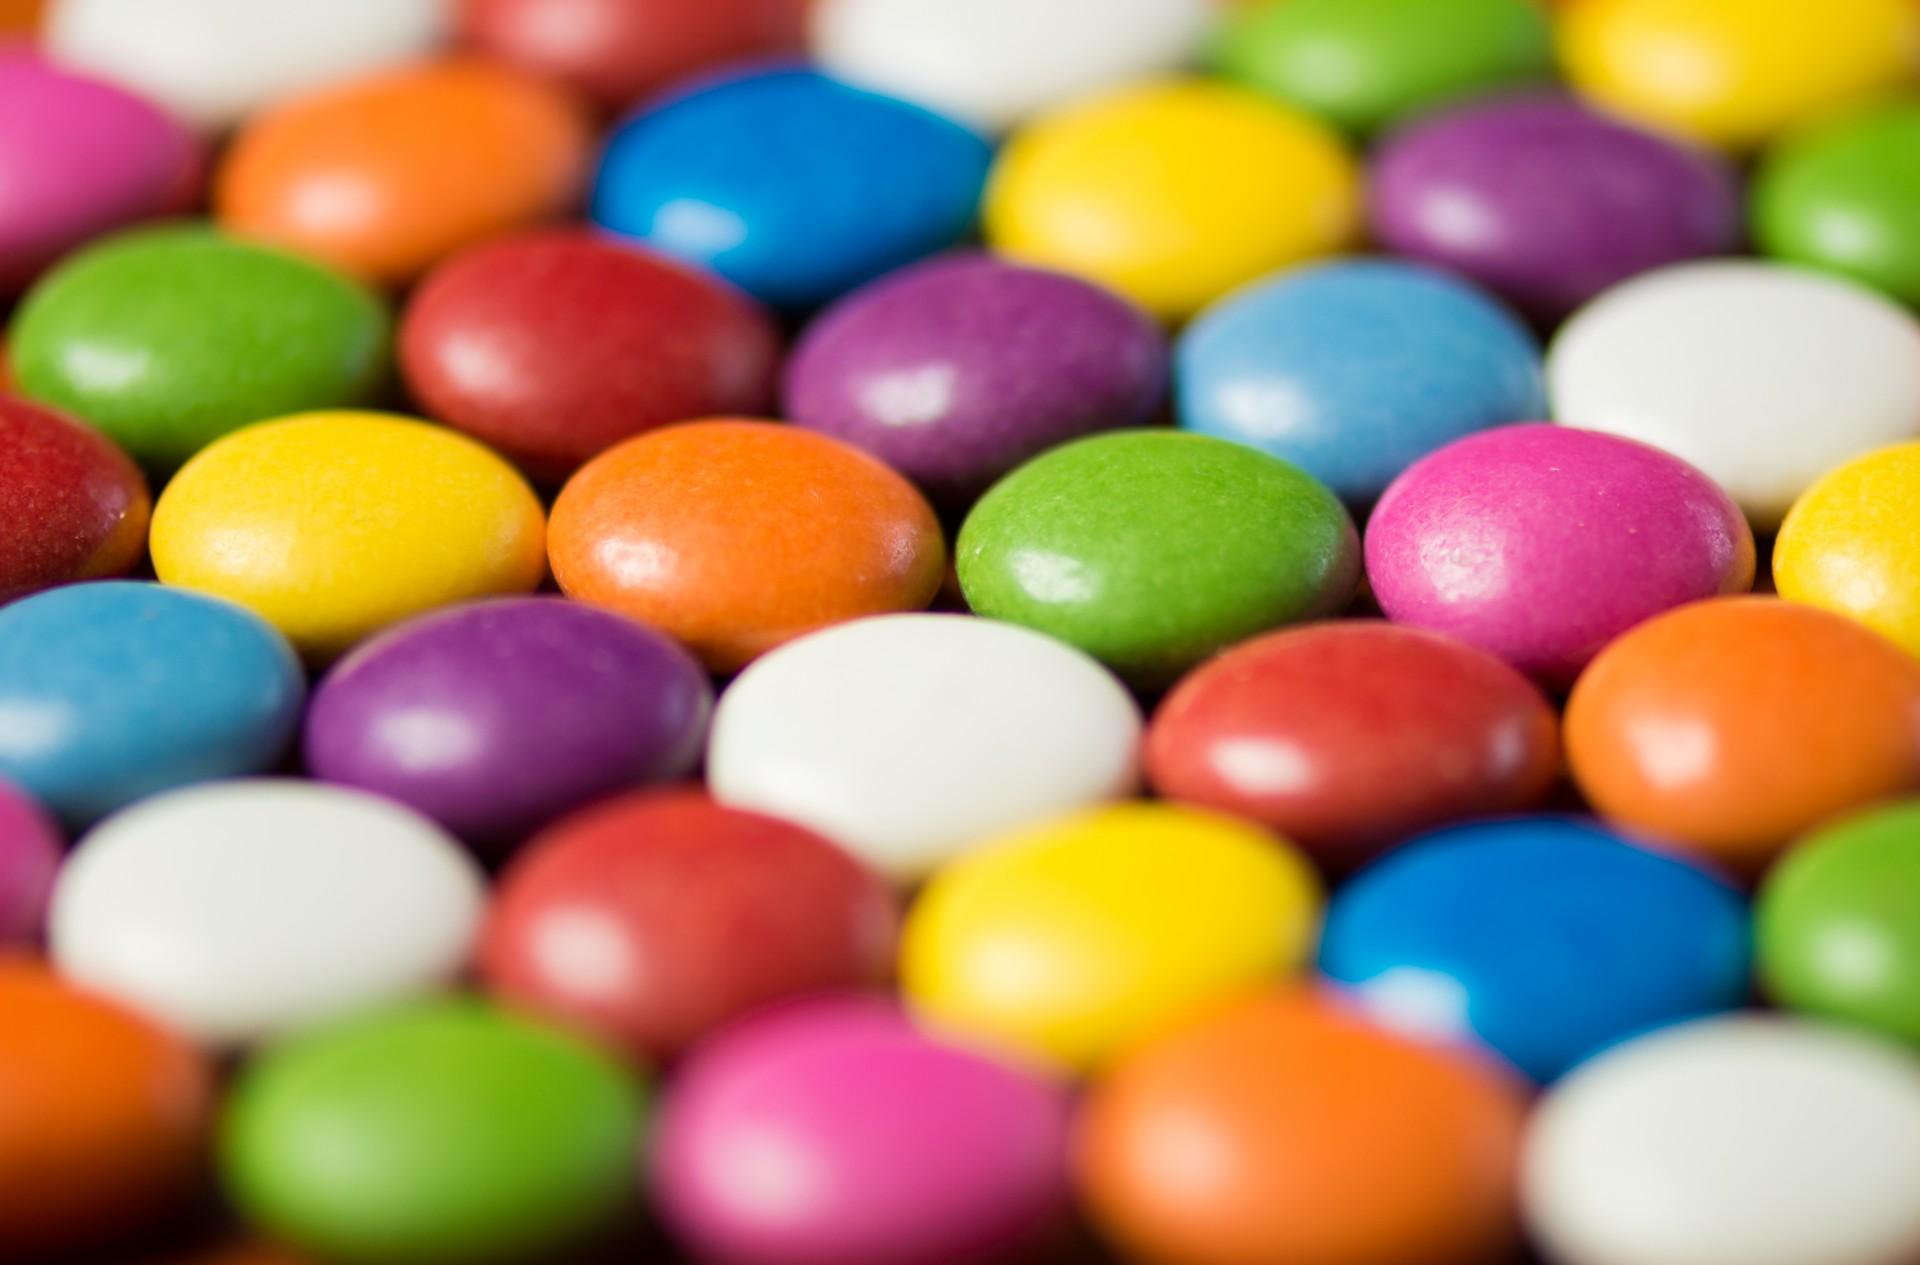 słodycze reklamowe potęgą firmy